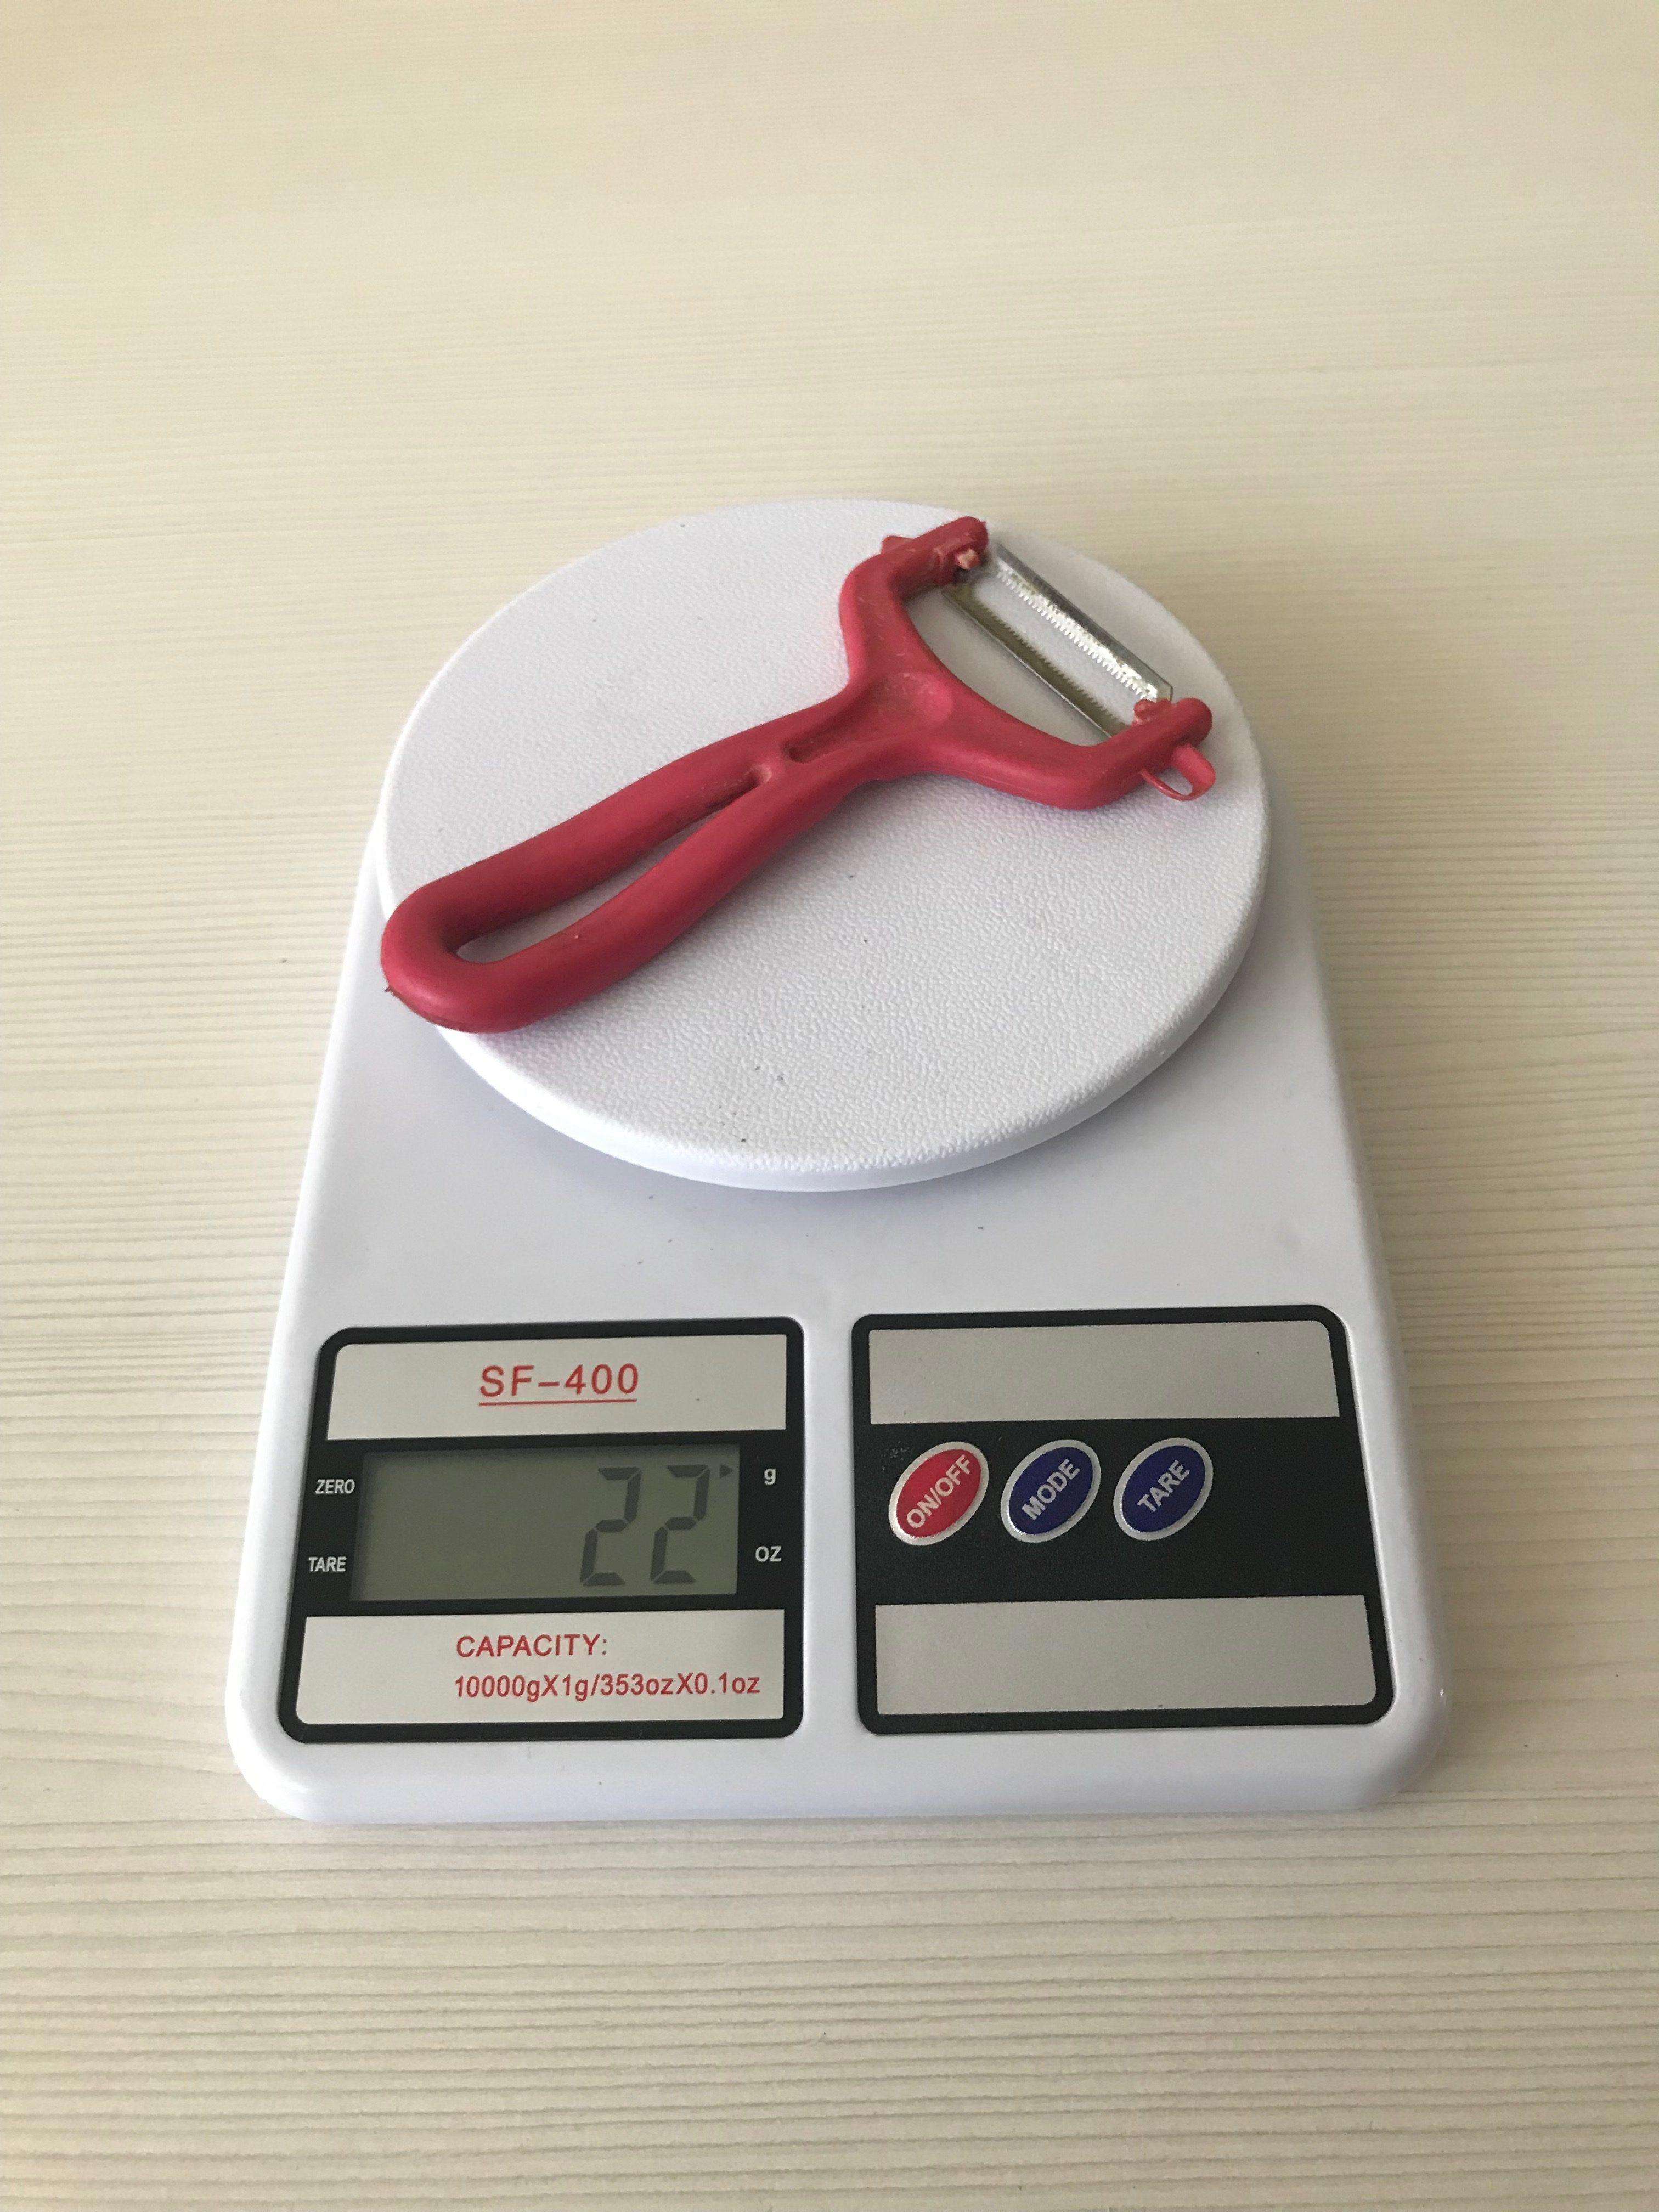 вес овощеочистителя